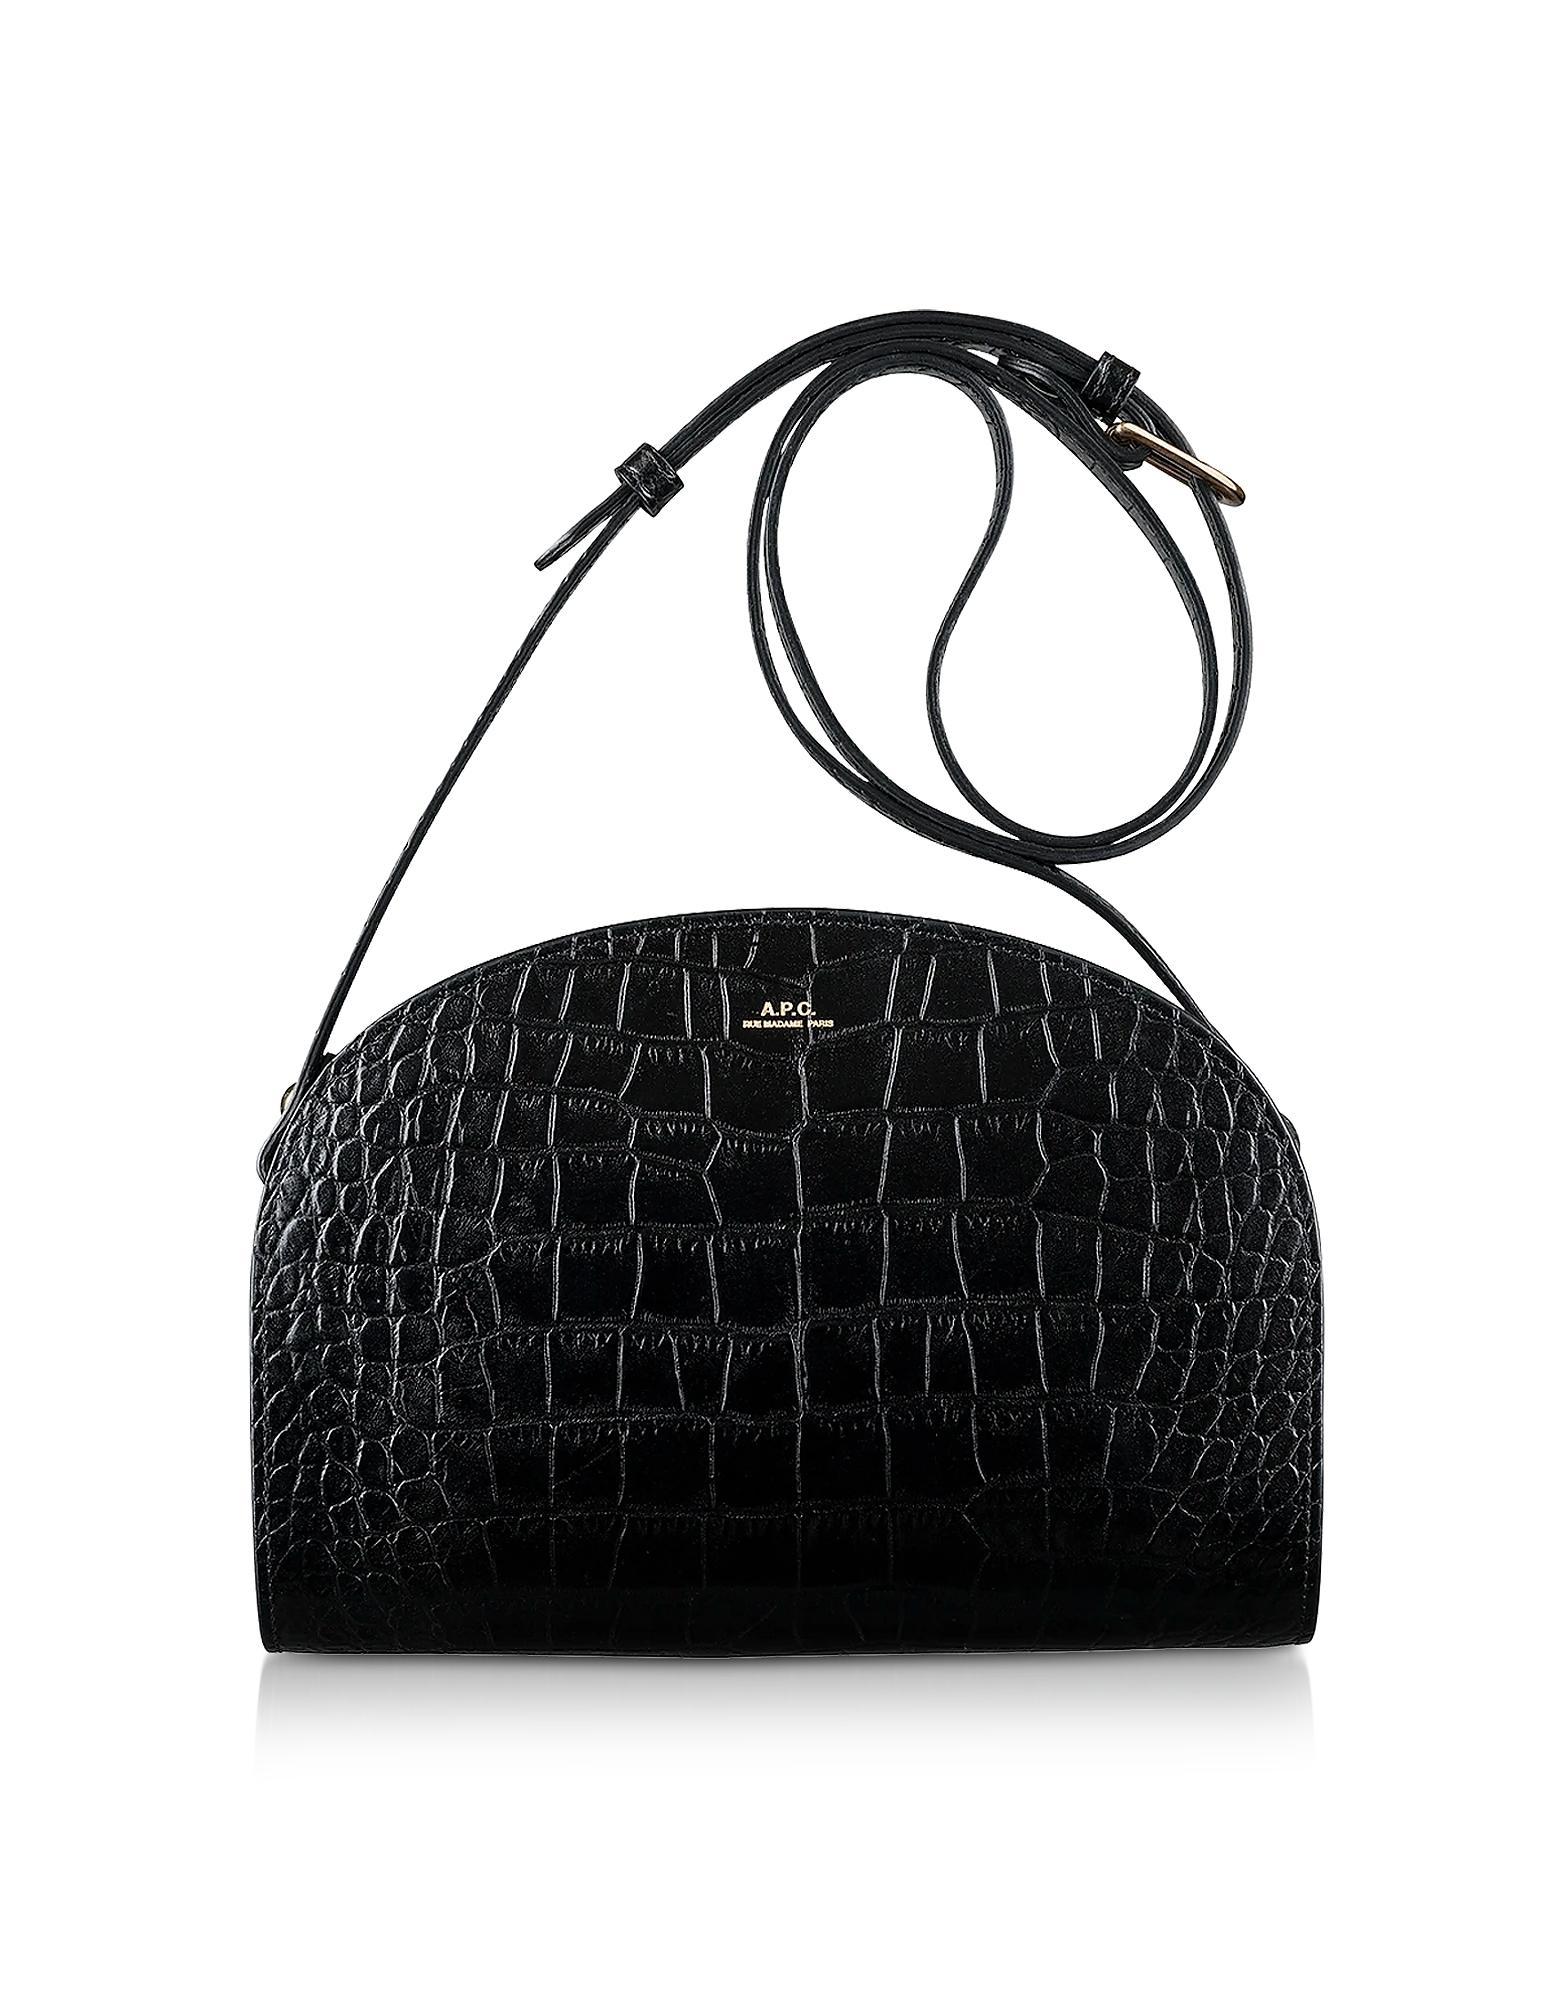 A.P.C. Designer Handbags, Black Croco Embossed Leather Demi-Lune Shoulder Bag